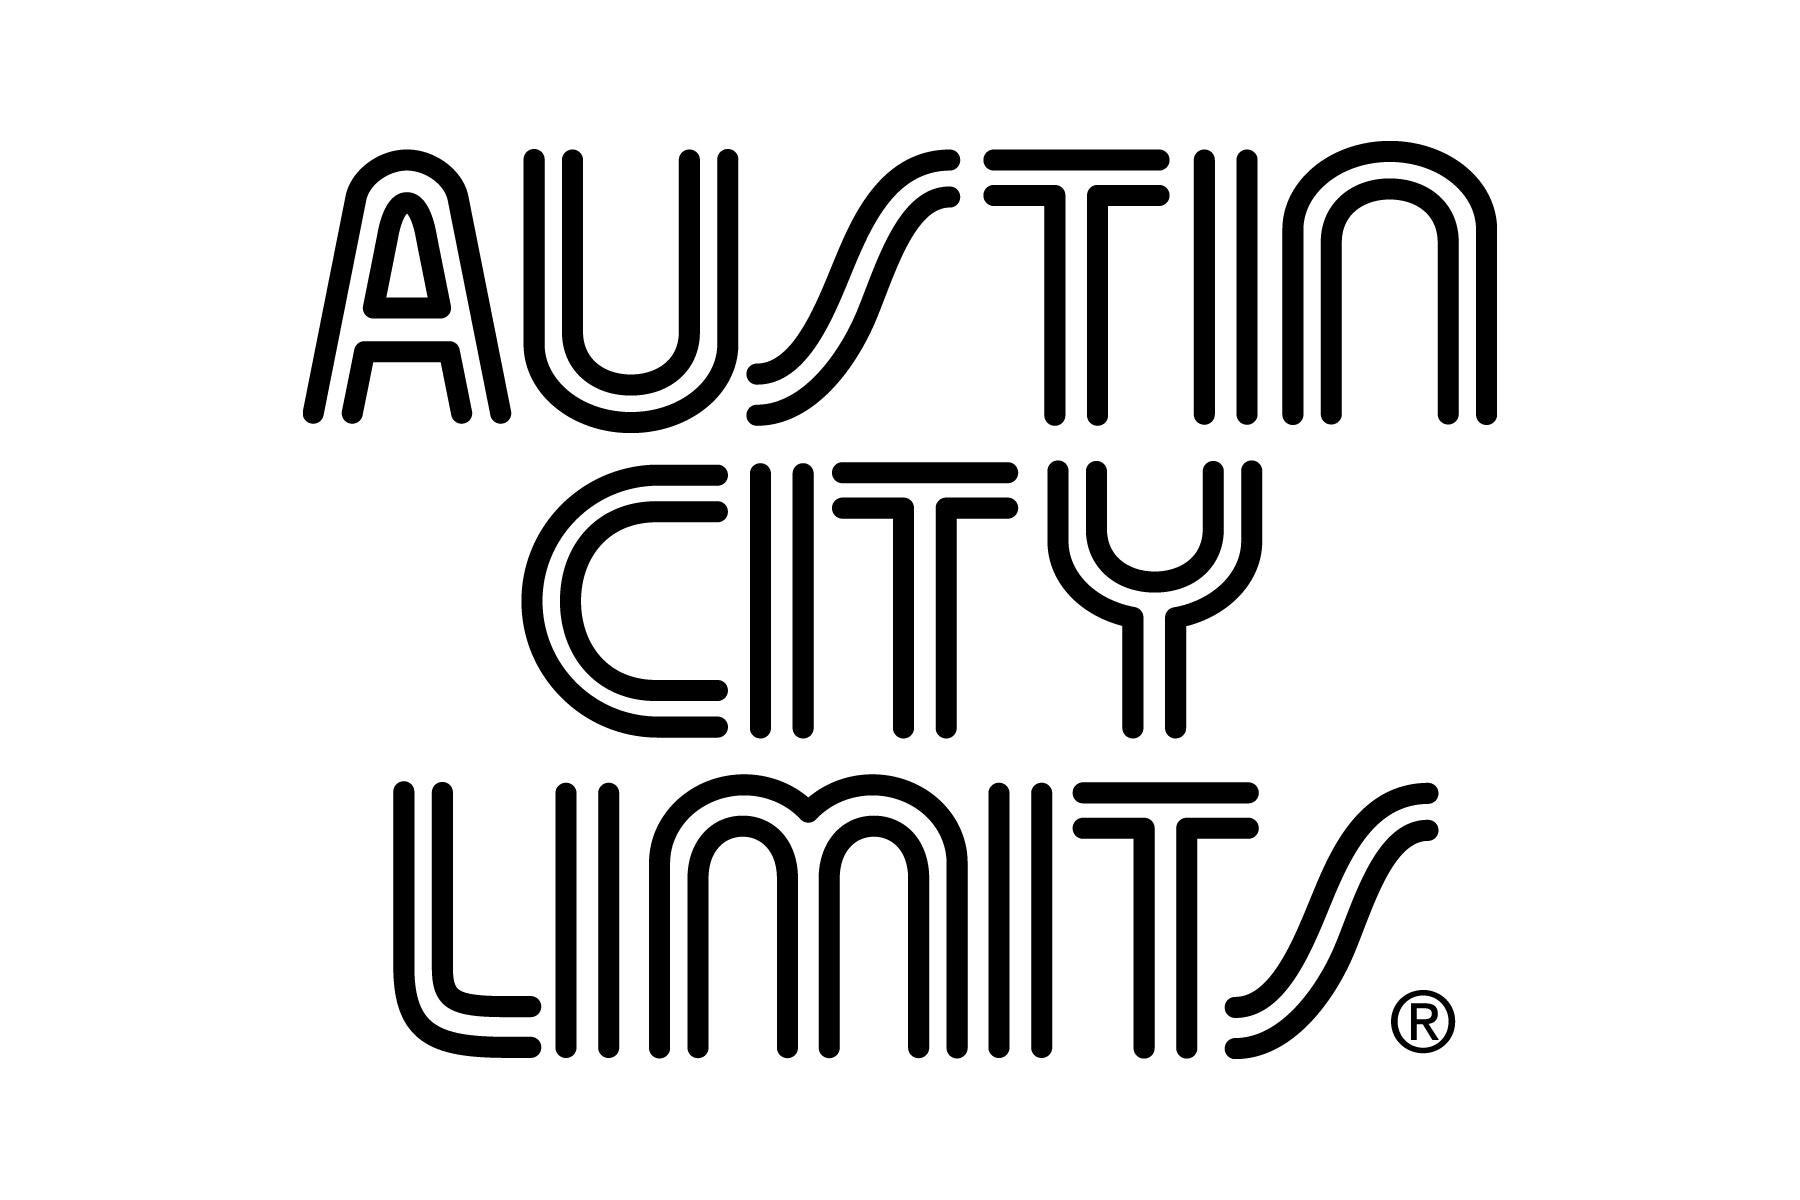 Best of: Austin City Limits